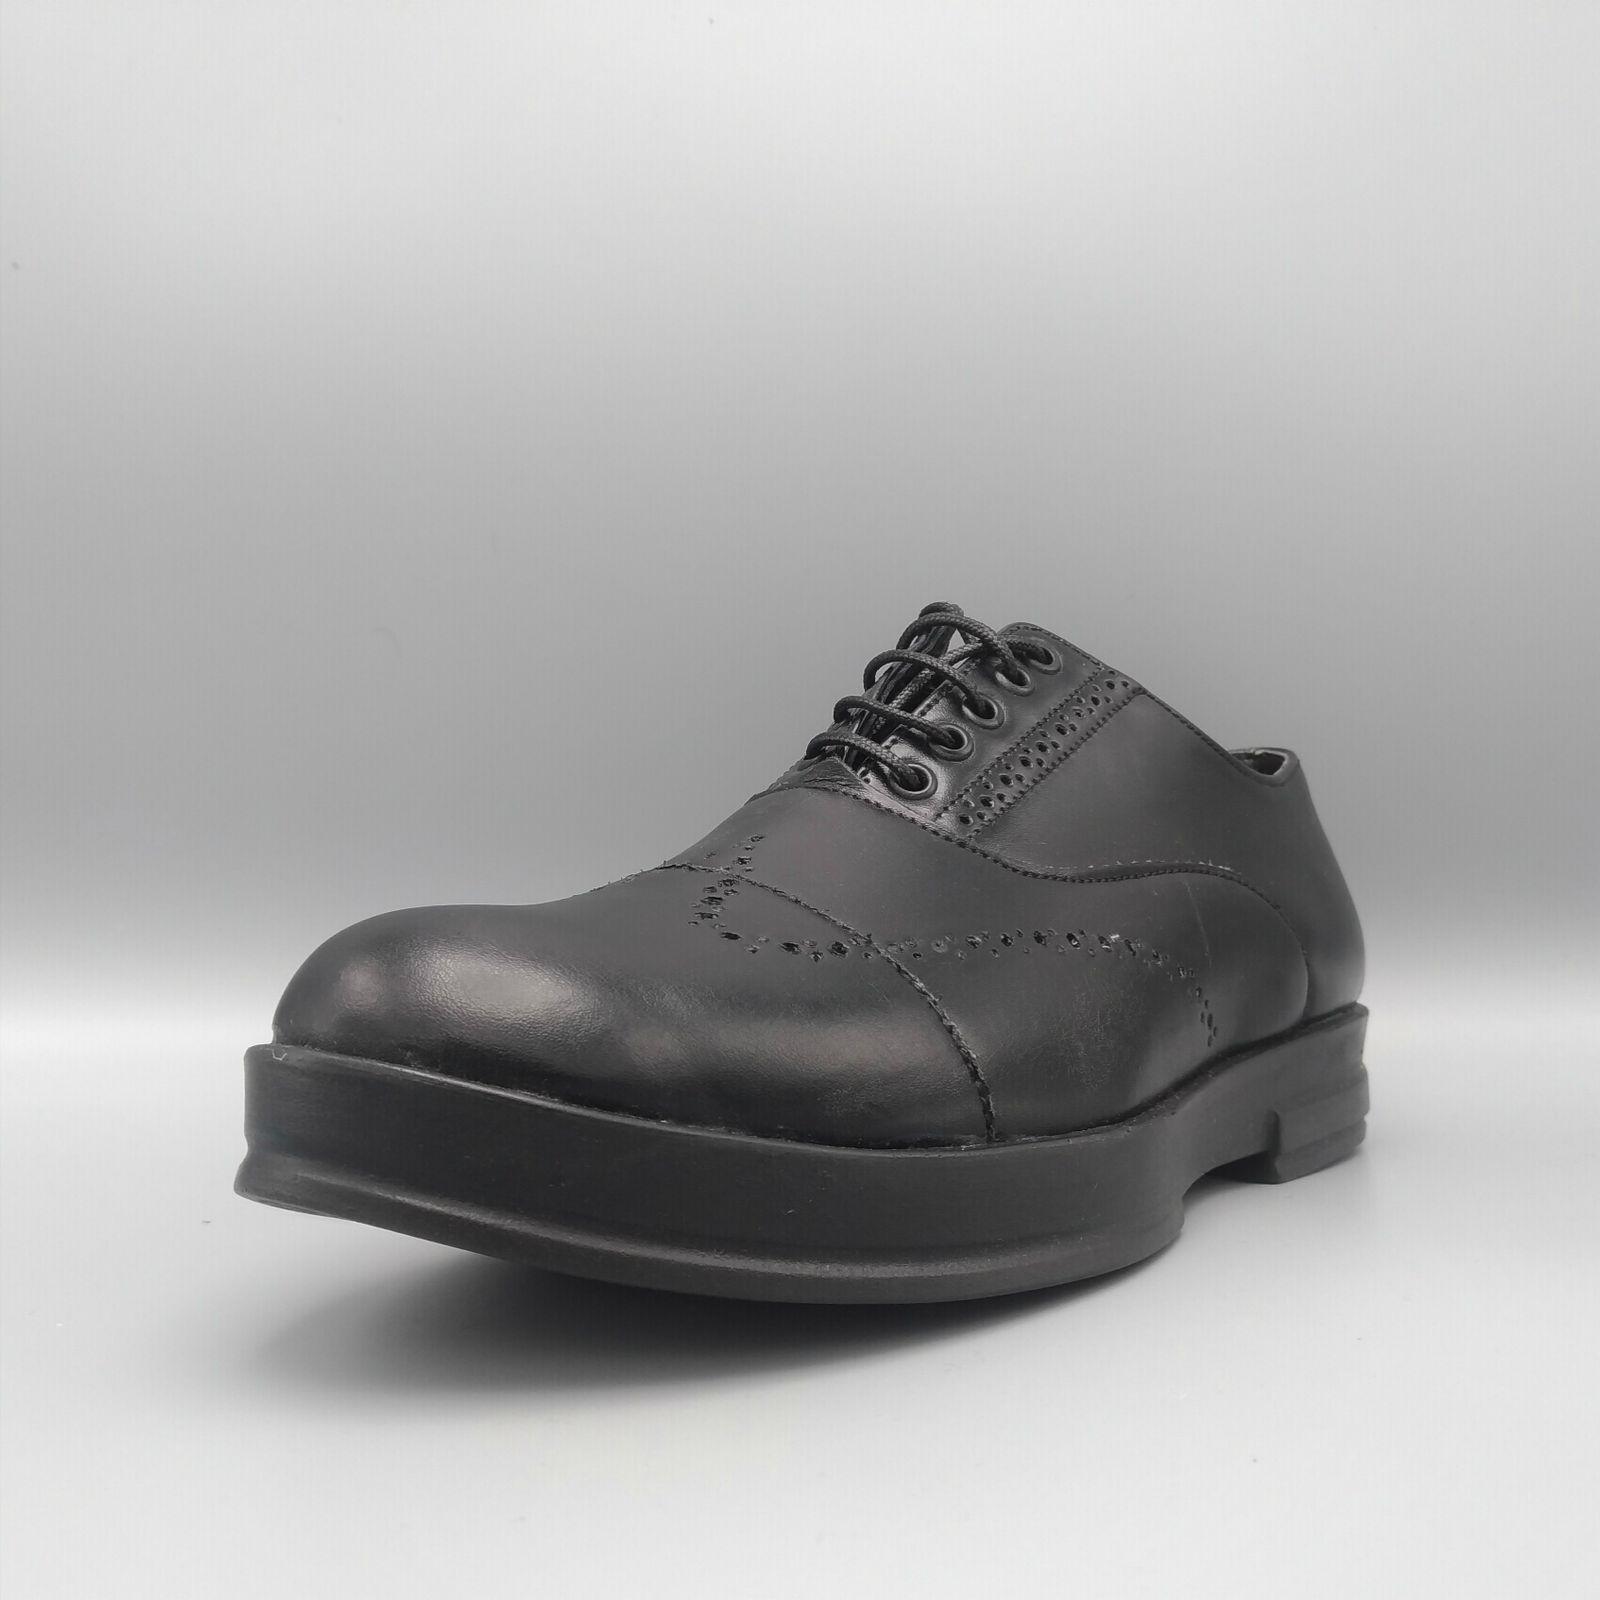 کفش مردانه مدل FARAZ-2 -  - 3